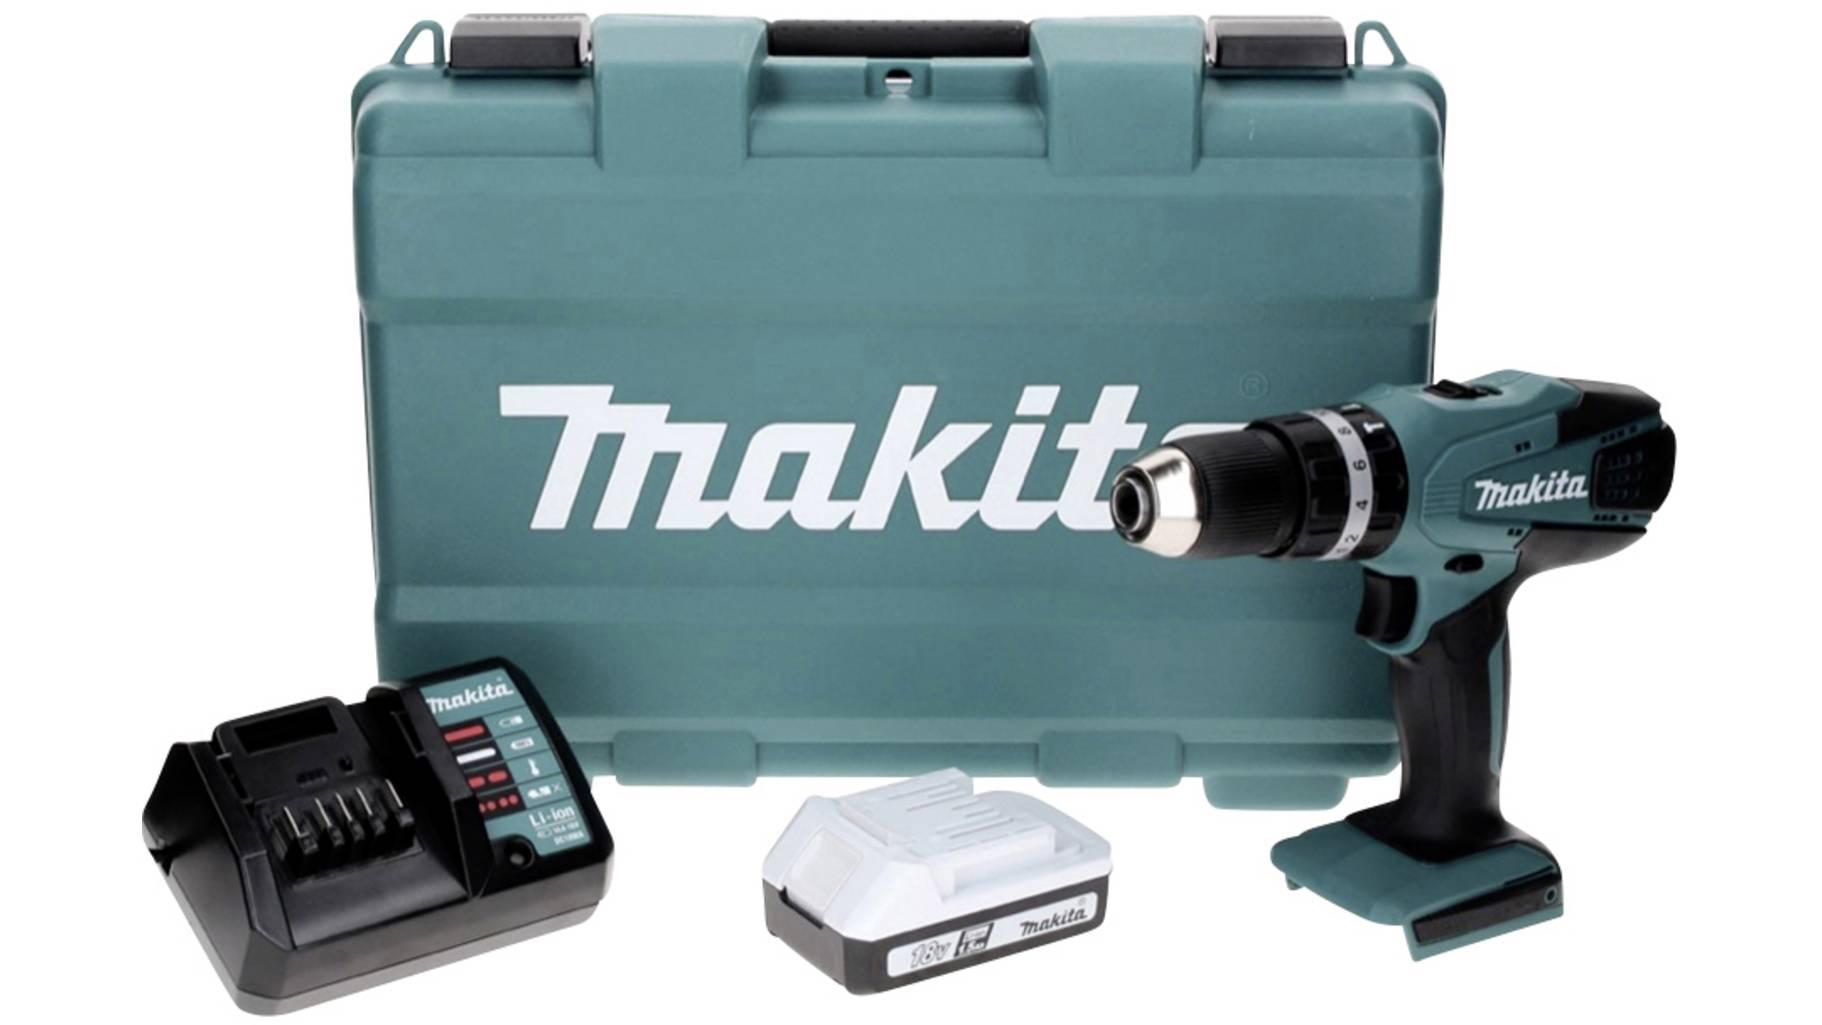 Makita HP457DW G-Serie, Koffer, 1 x 1,5 Ah Akku (mit SofortÜberweisung sonst + 5,95 €)